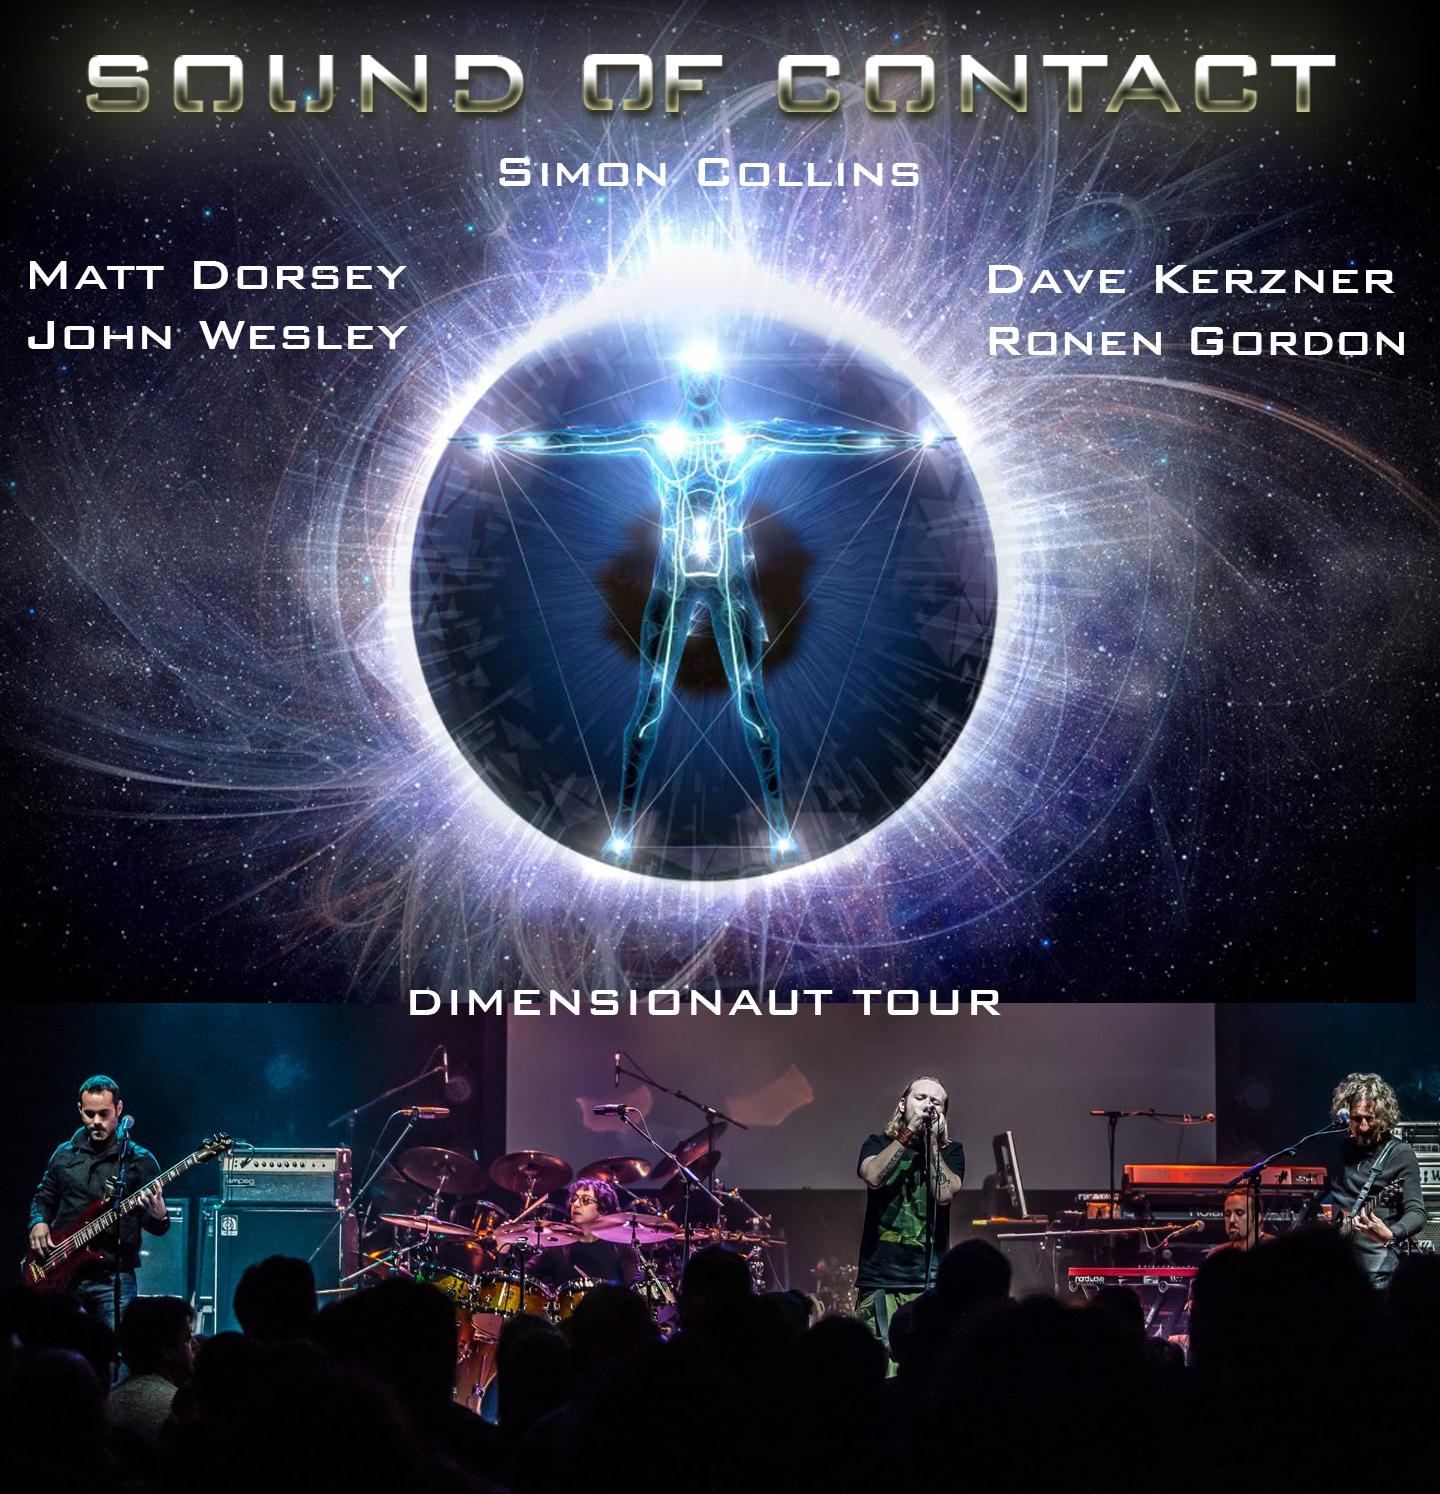 Soc Dimensionaut Tour Poster Full Screen Image Audioholics